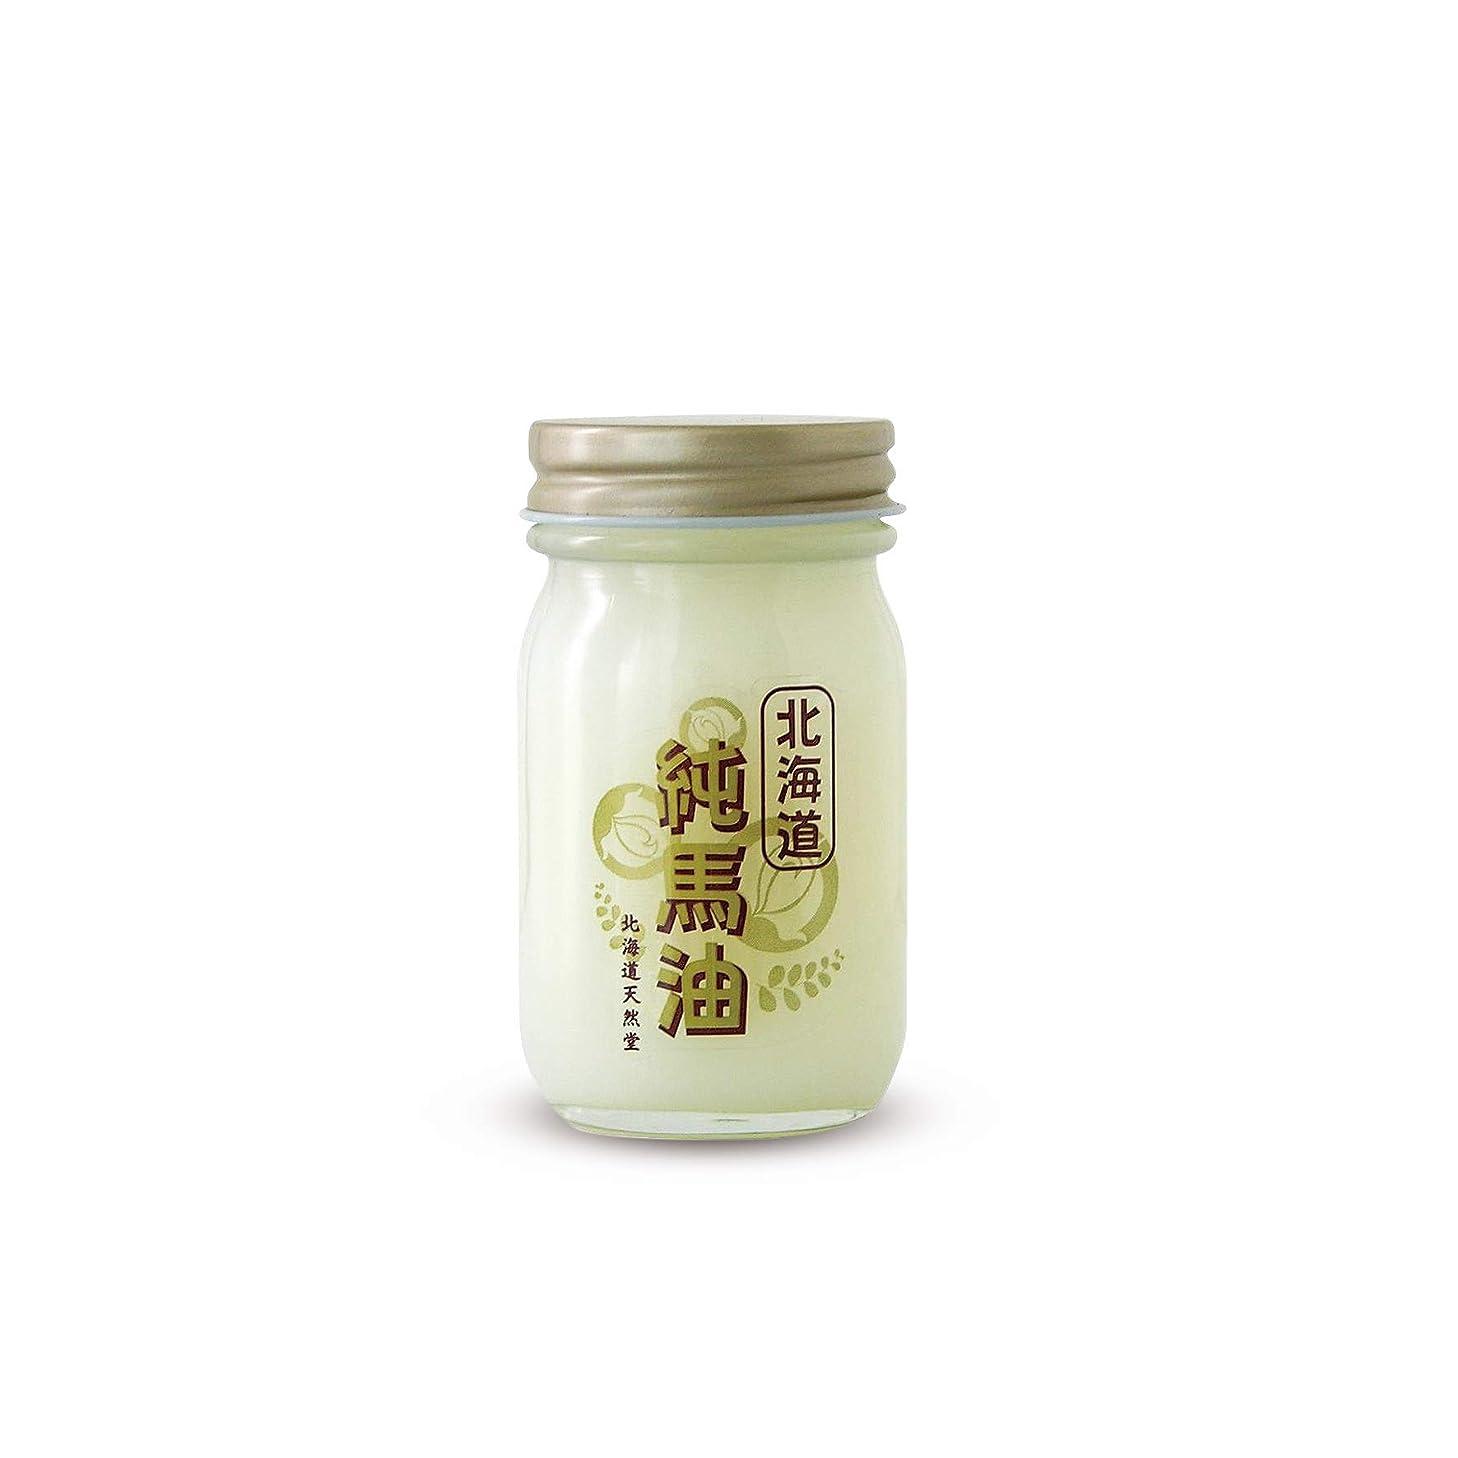 いま死ぬ巧みな純馬油 70ml 【国内限定】/ 北海道天然堂